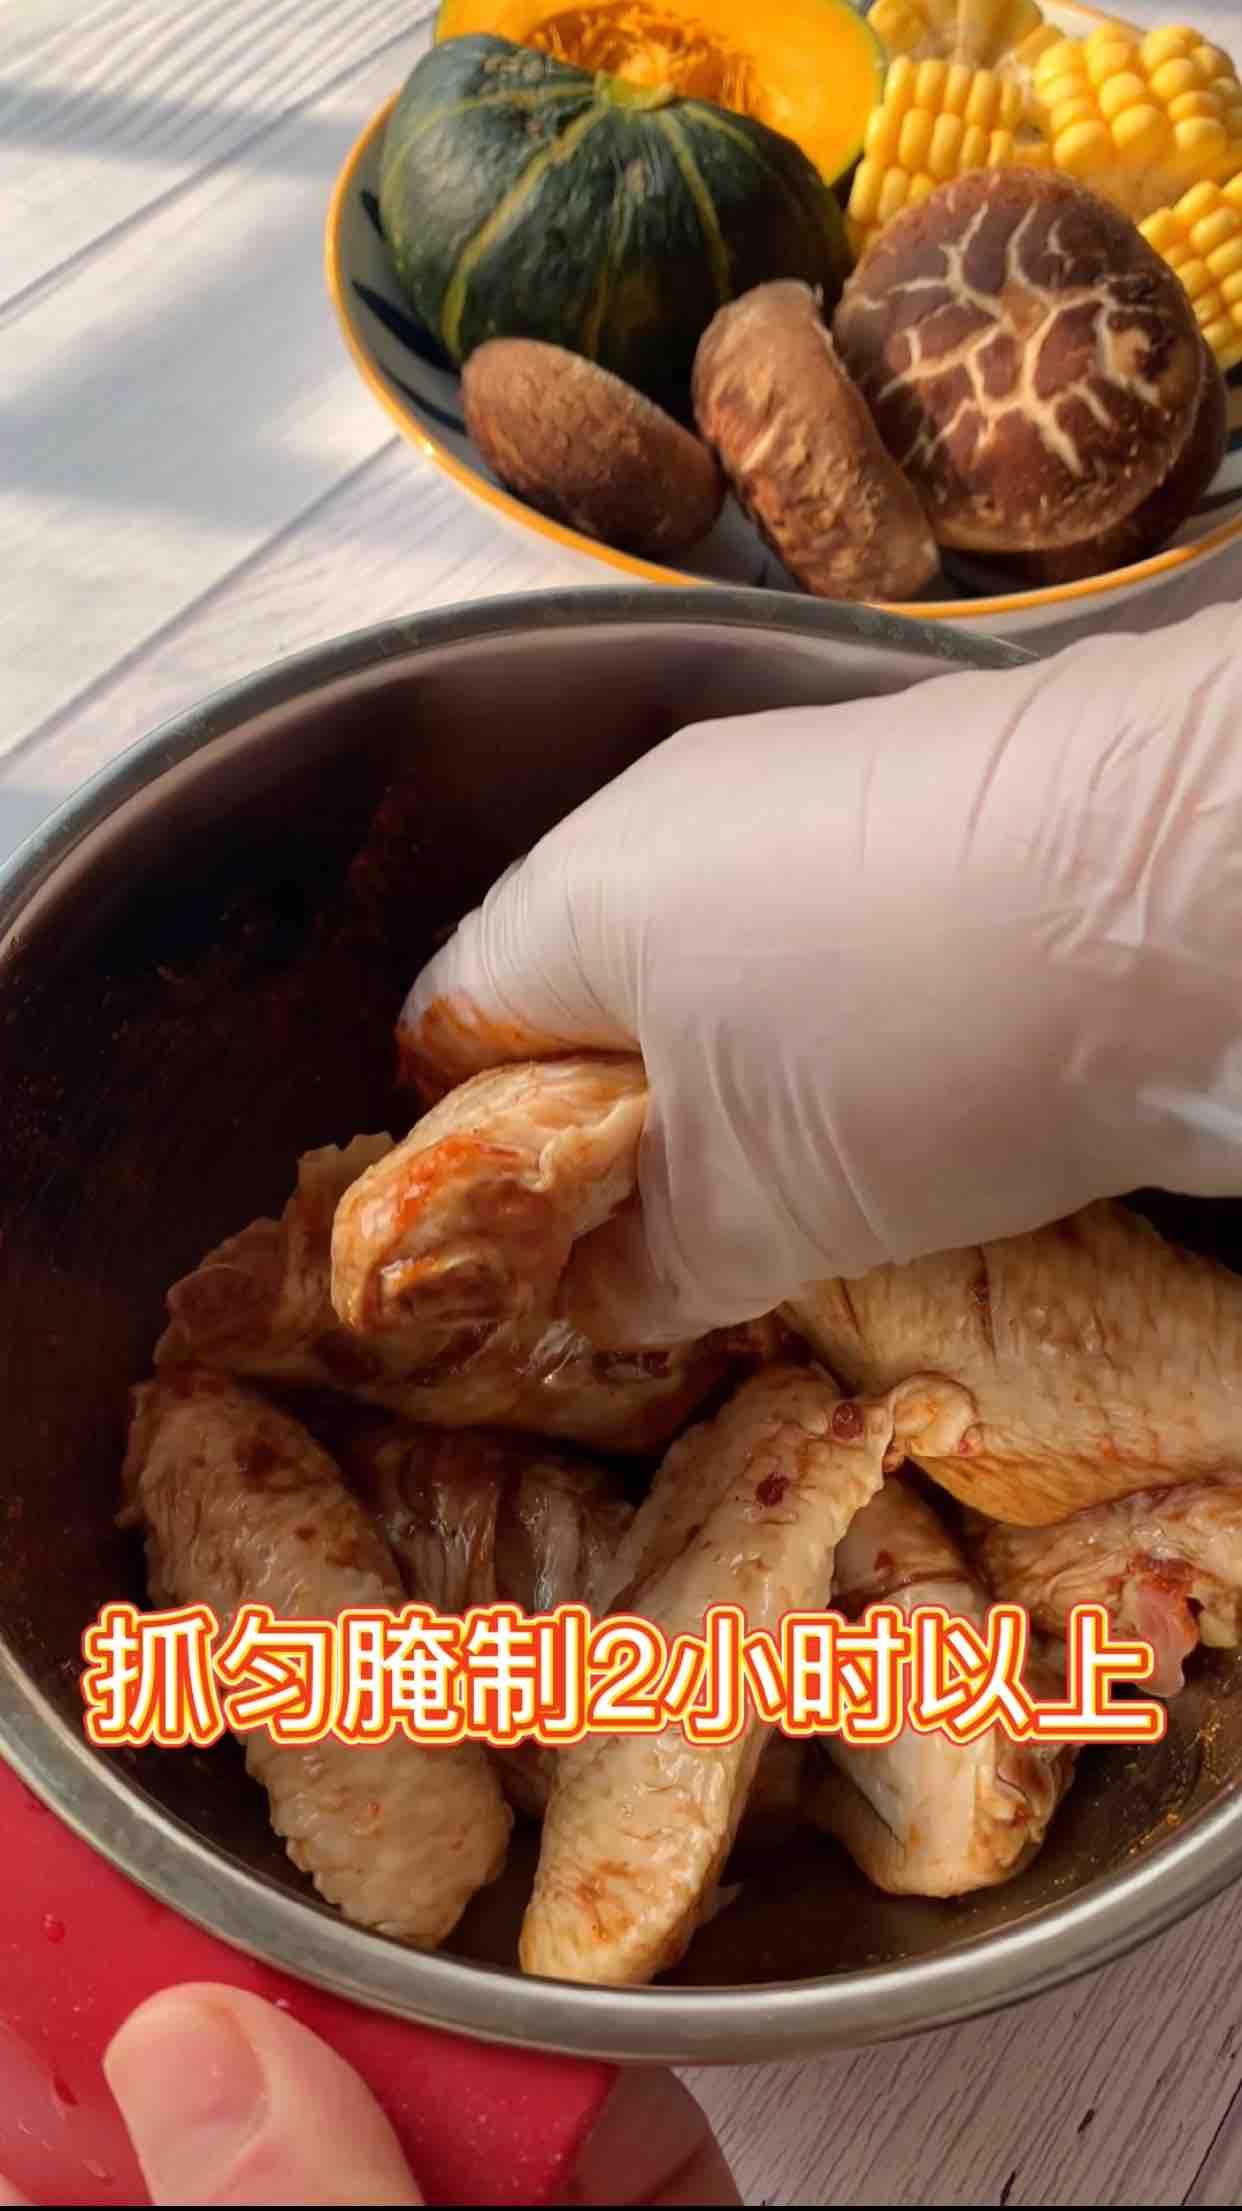 巨好吃香辣烤鸡翅,超简单的步骤